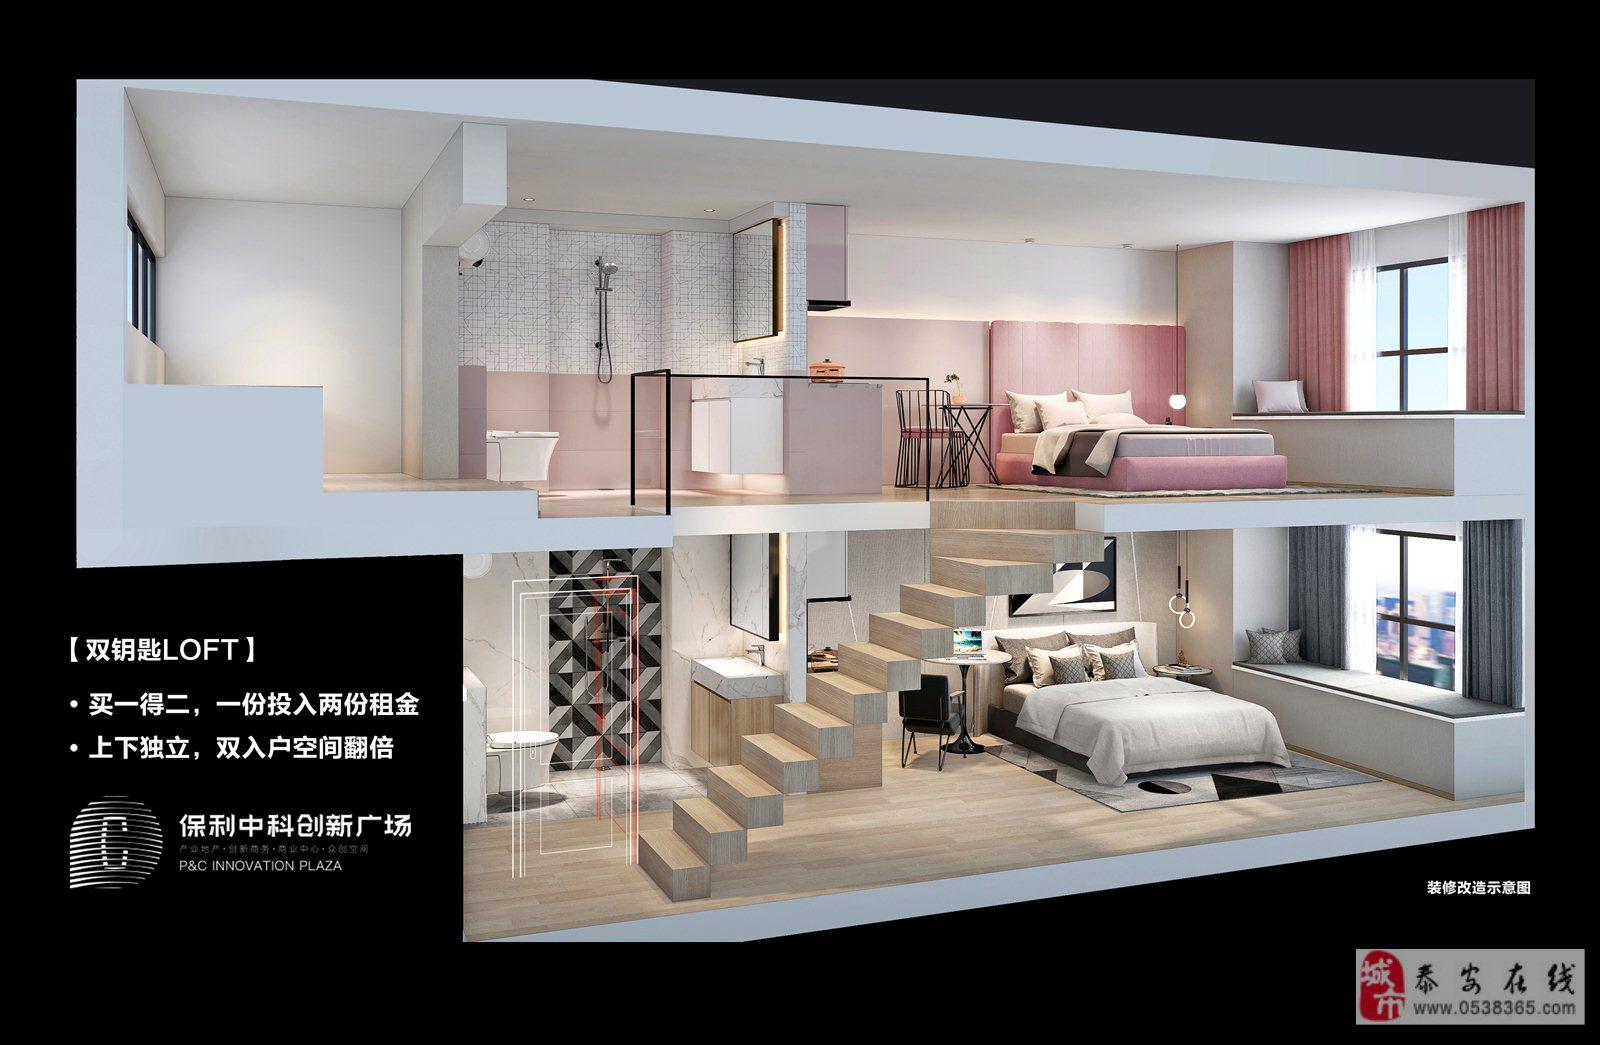 濟南保利中科創新廣場不得了了,復式公寓牛的很